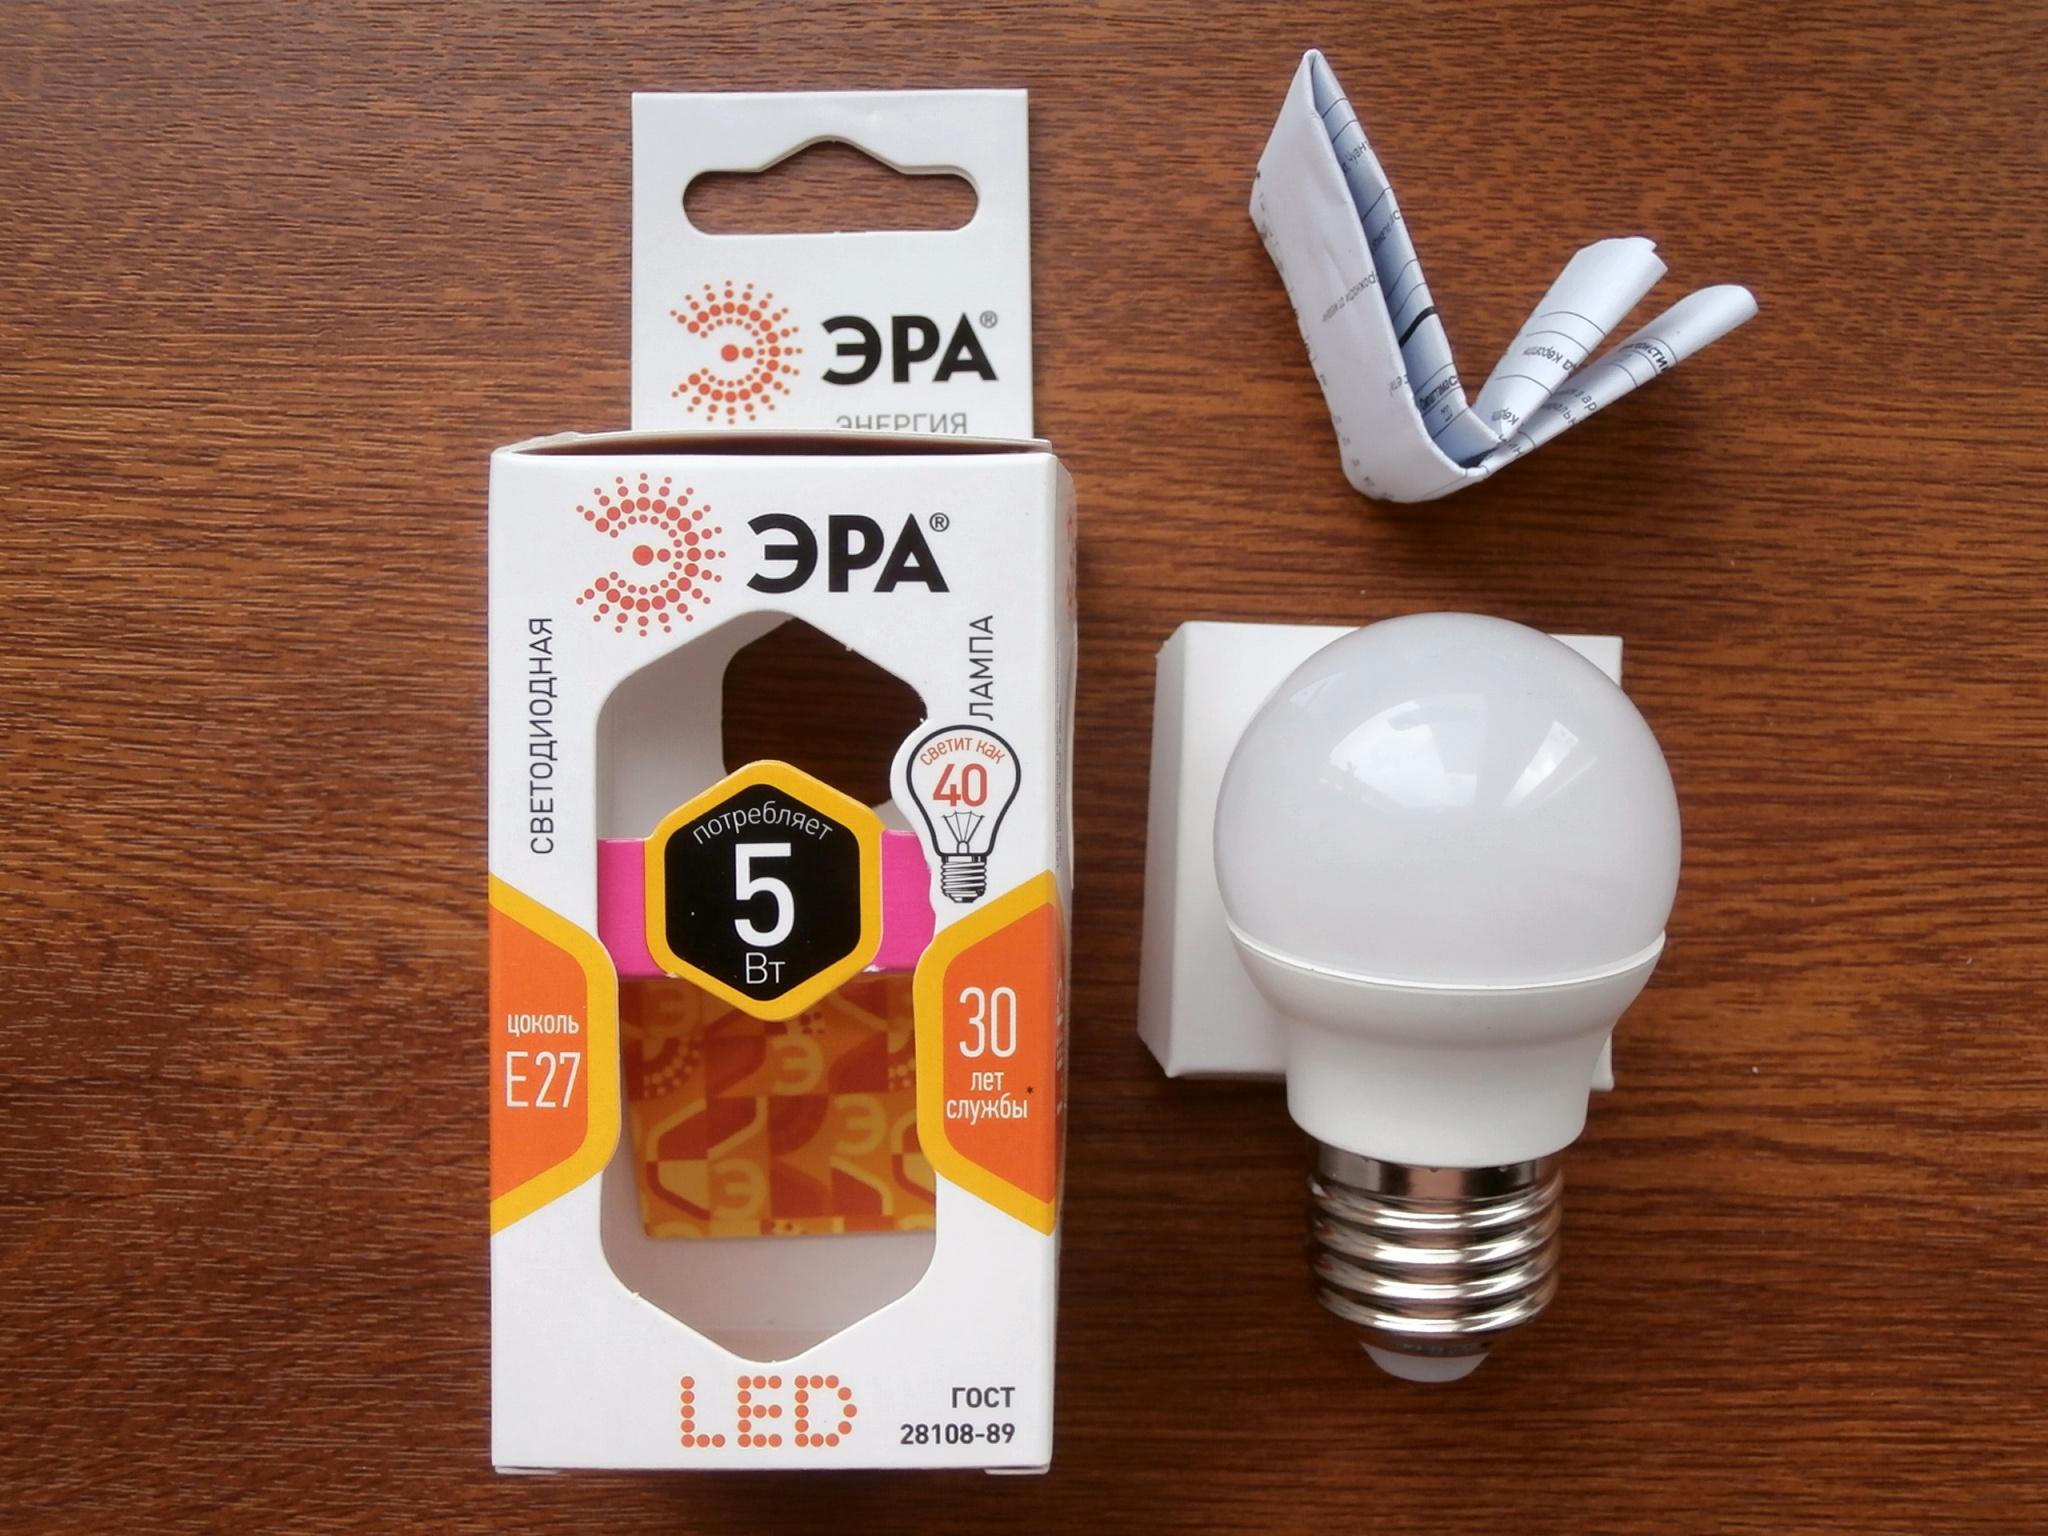 Светодиодная лампа эра led — отзывы. негативные, нейтральные и положительные отзывы